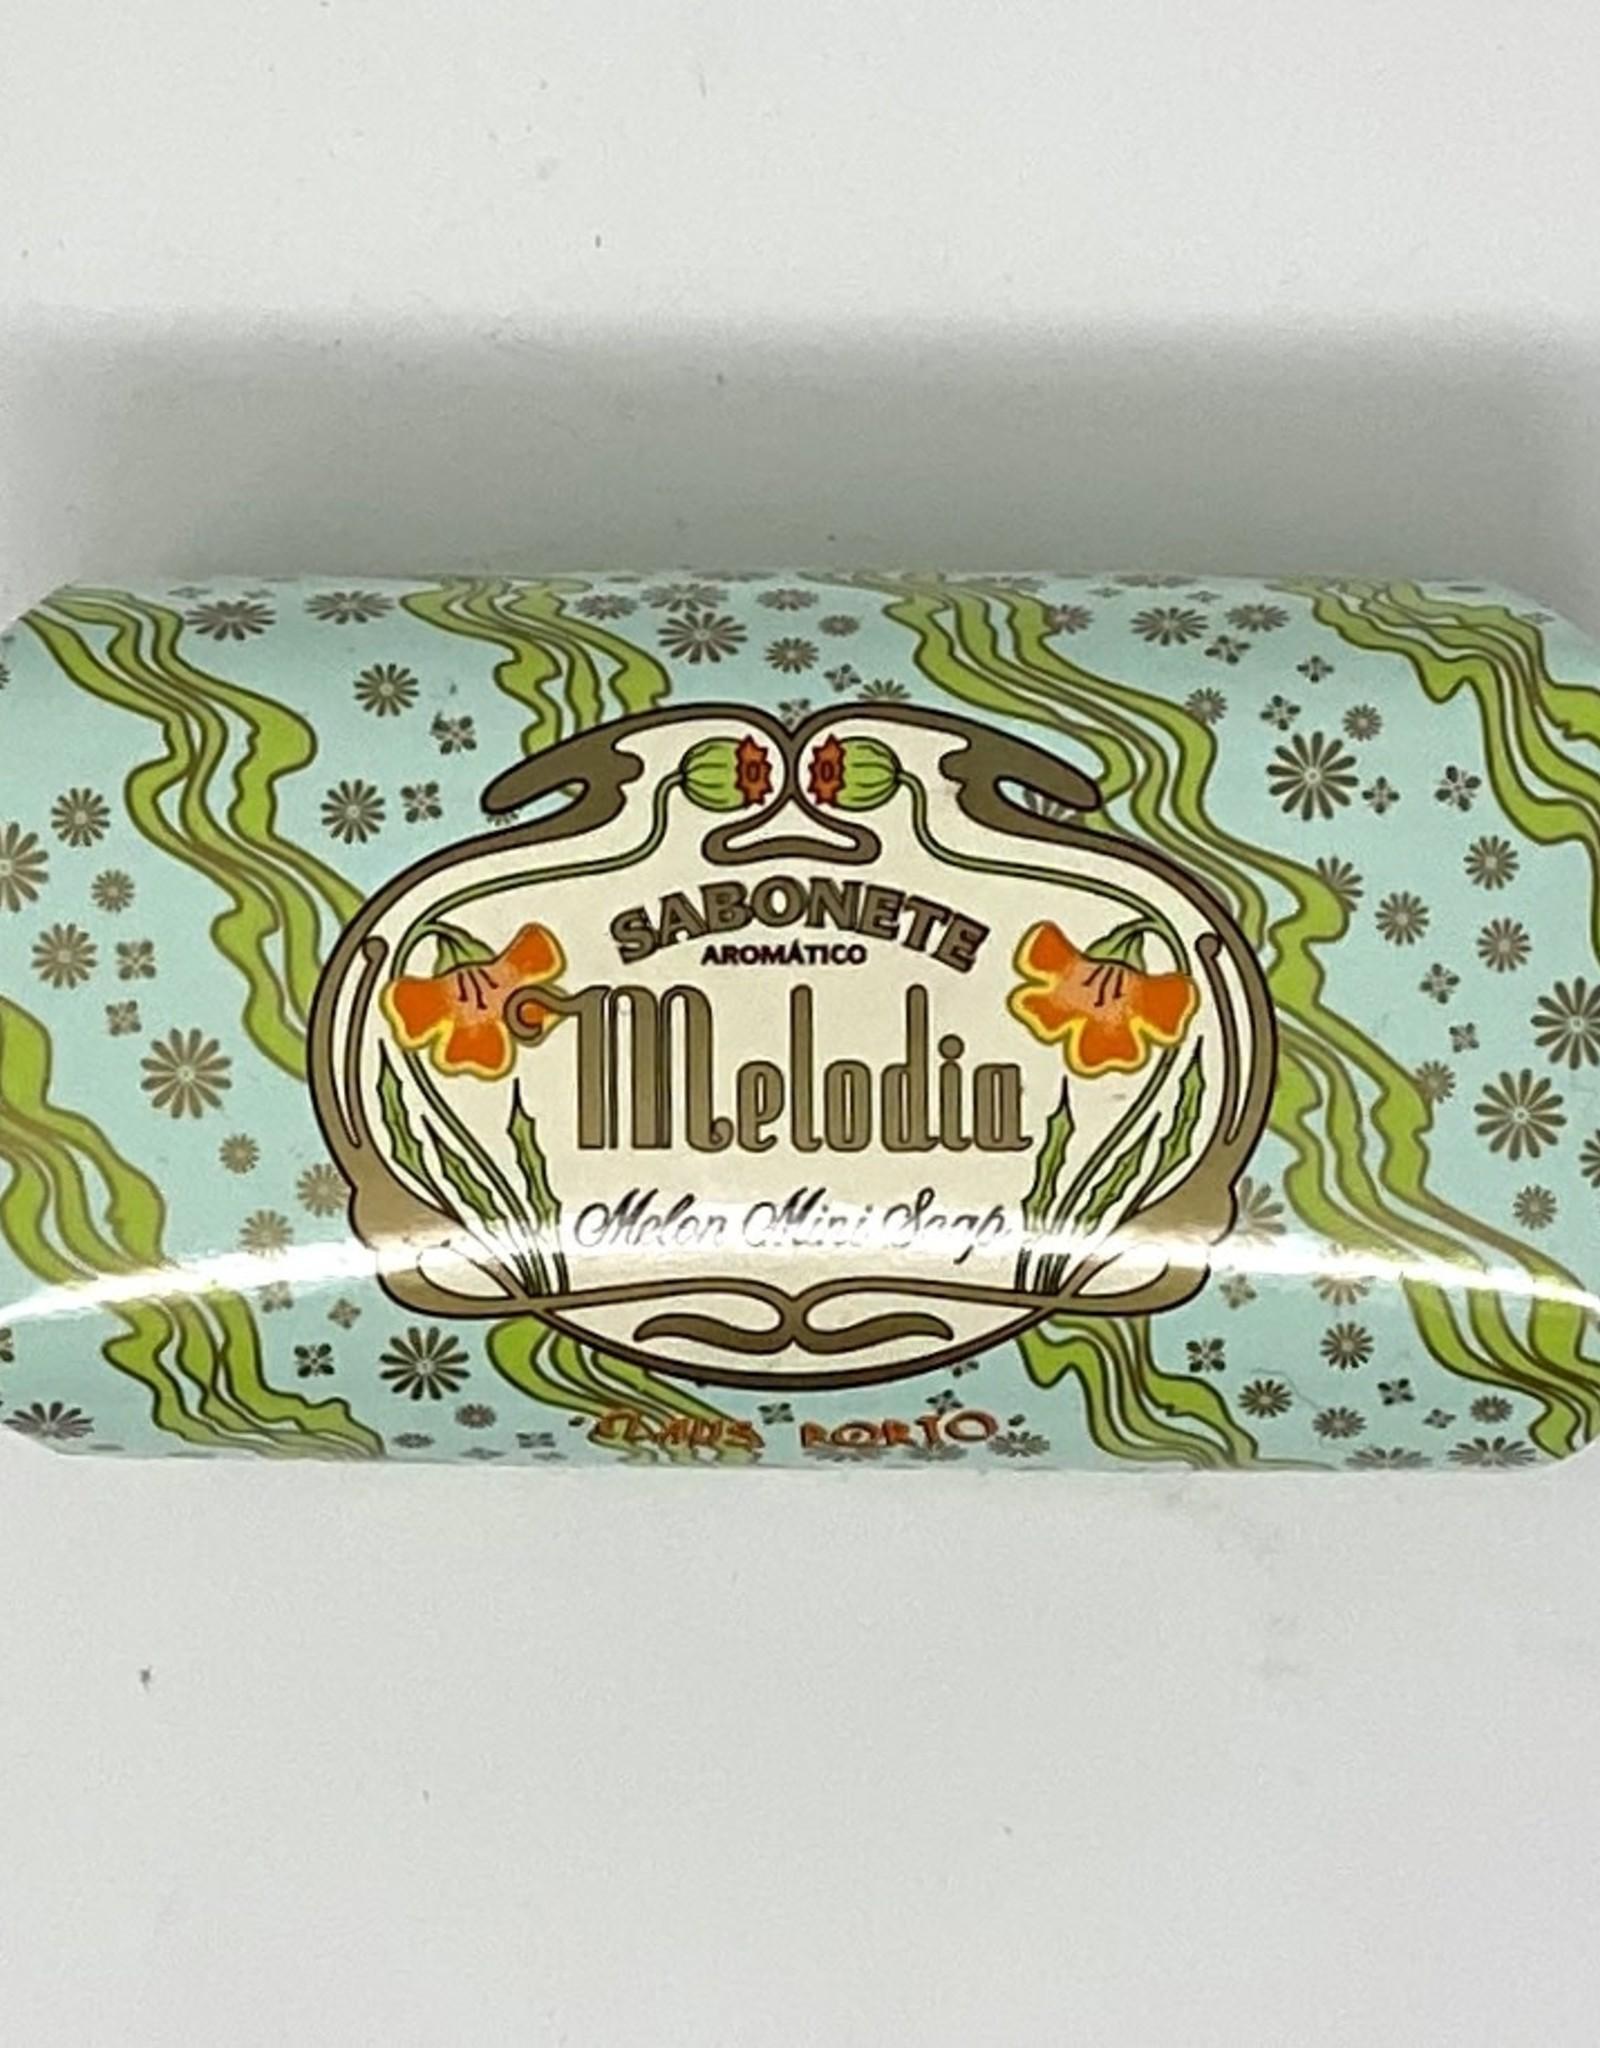 Claus Porto Melodia Mini Bar Soap